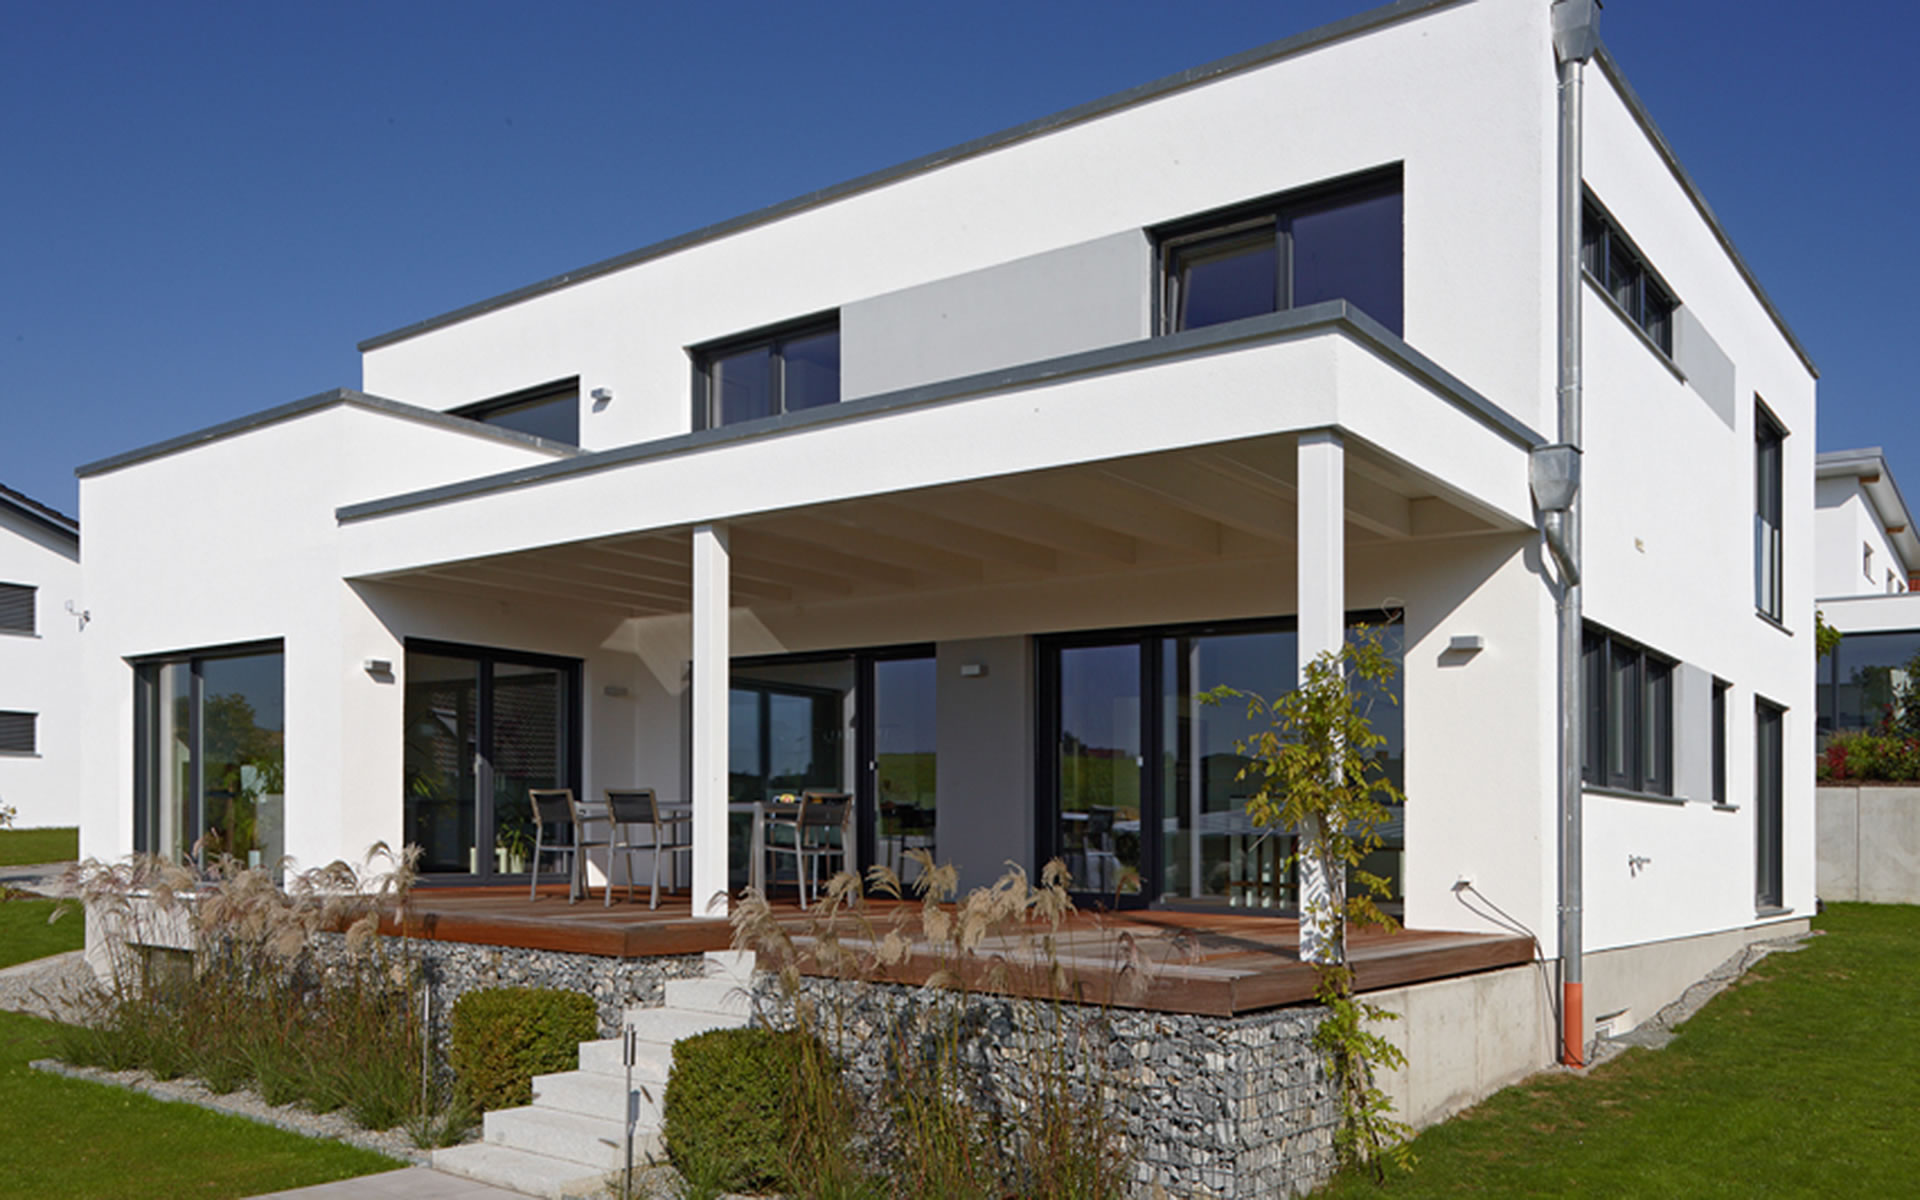 Felderer von Sonnleitner Holzbauwerke GmbH & Co. KG